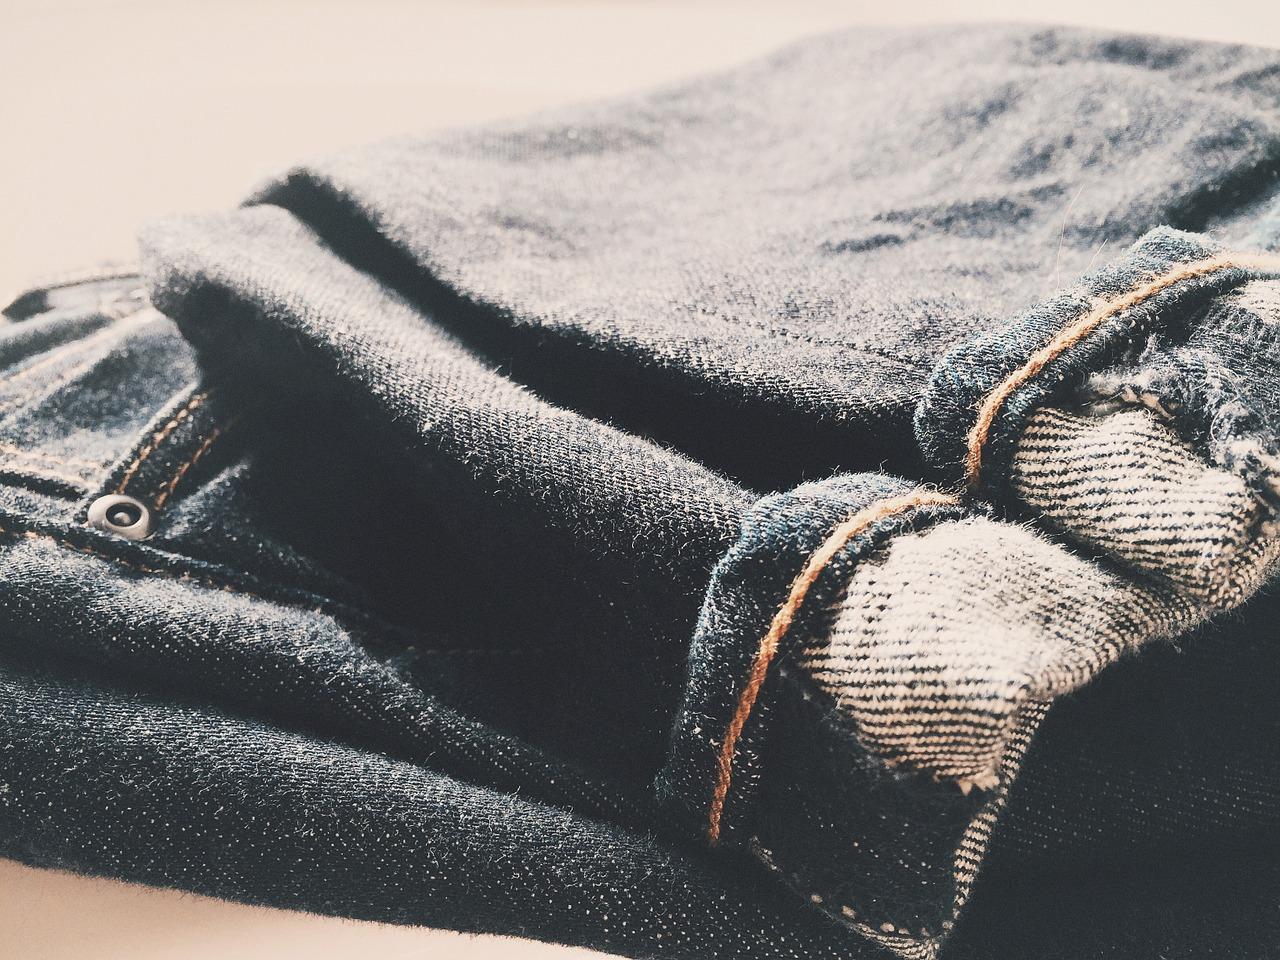 牛仔裤镭射切割技术的开创者 François Girbaud 直言:牛仔行业可持续发展现状太令人失望!